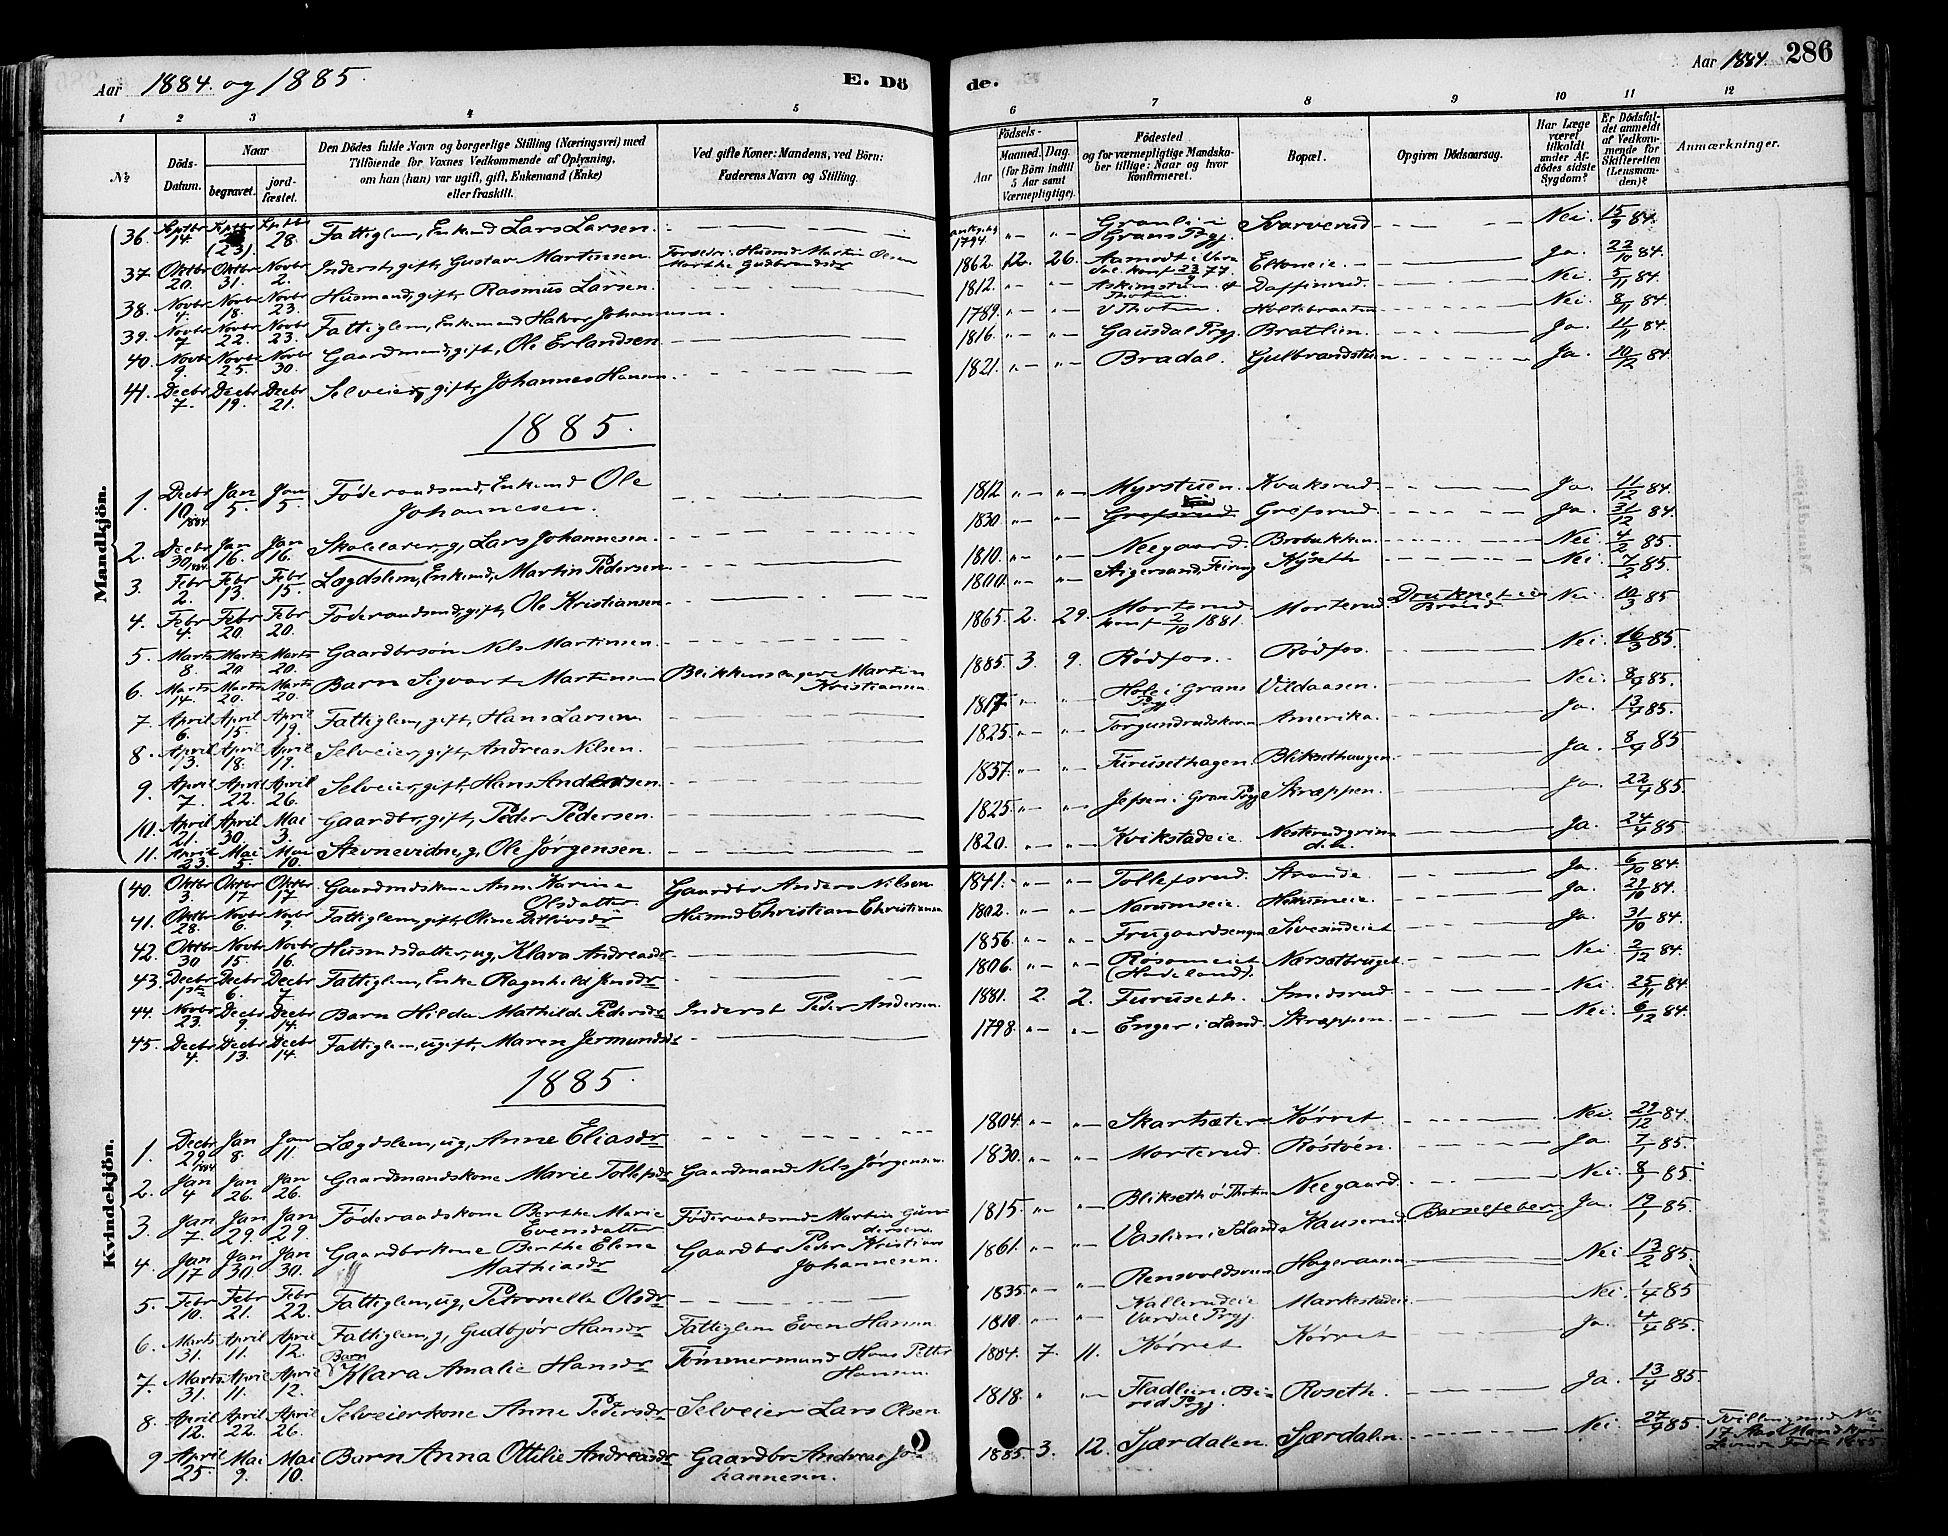 SAH, Vestre Toten prestekontor, Ministerialbok nr. 9, 1878-1894, s. 286